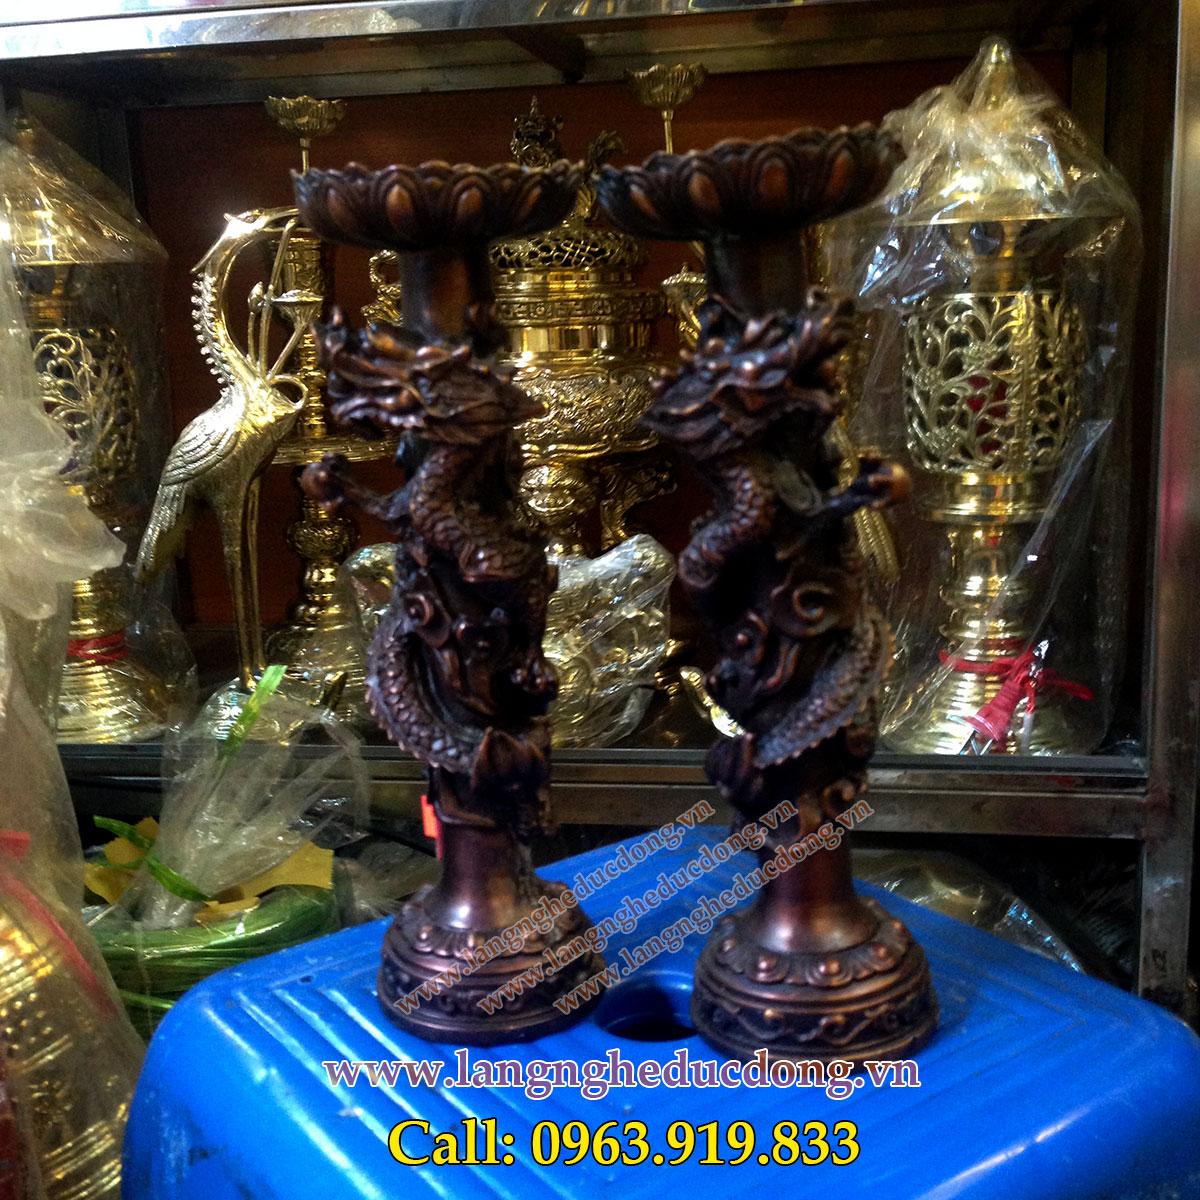 langngheducdong.vn - đôi nến thờ rồng cuốn cao 21cm